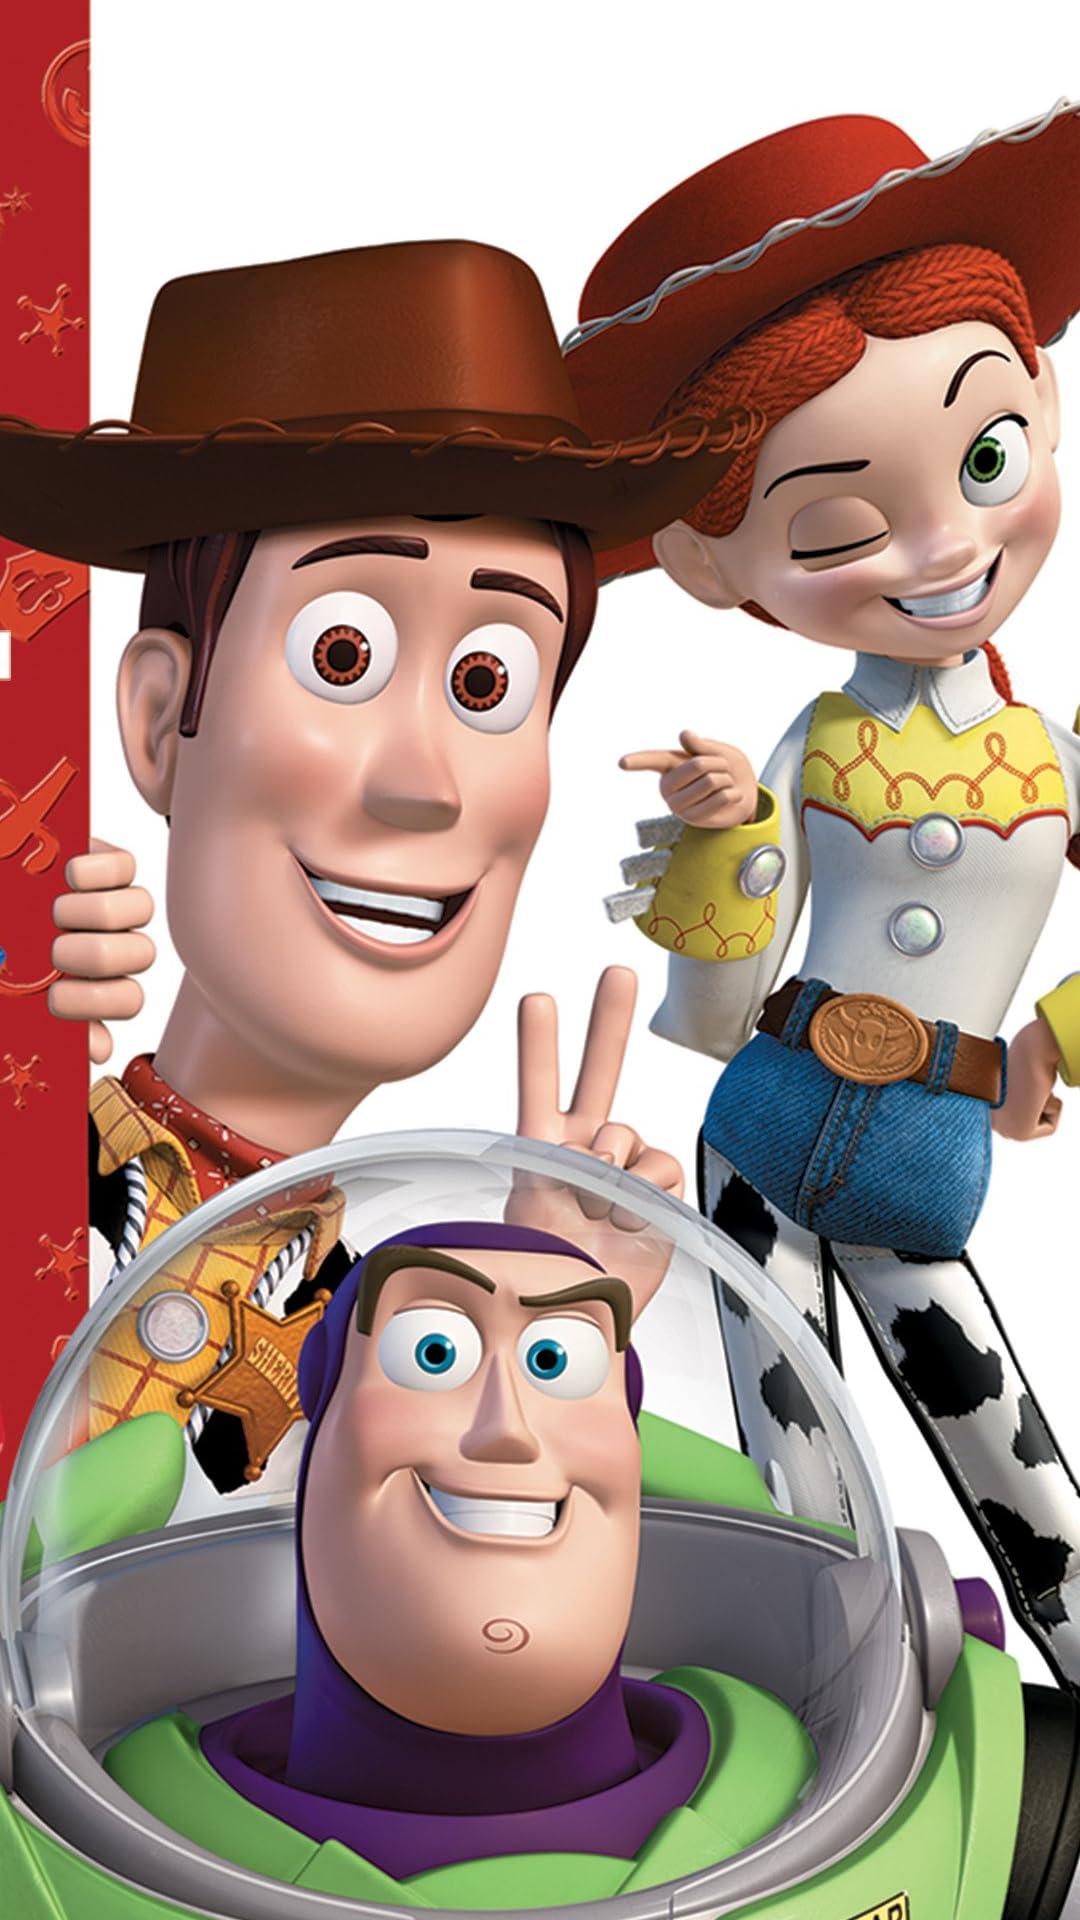 ディズニー 『トイ・ストーリー』バズ,ウッディ,ジェシー フルHD(1080×1920)スマホ壁紙/待受画像